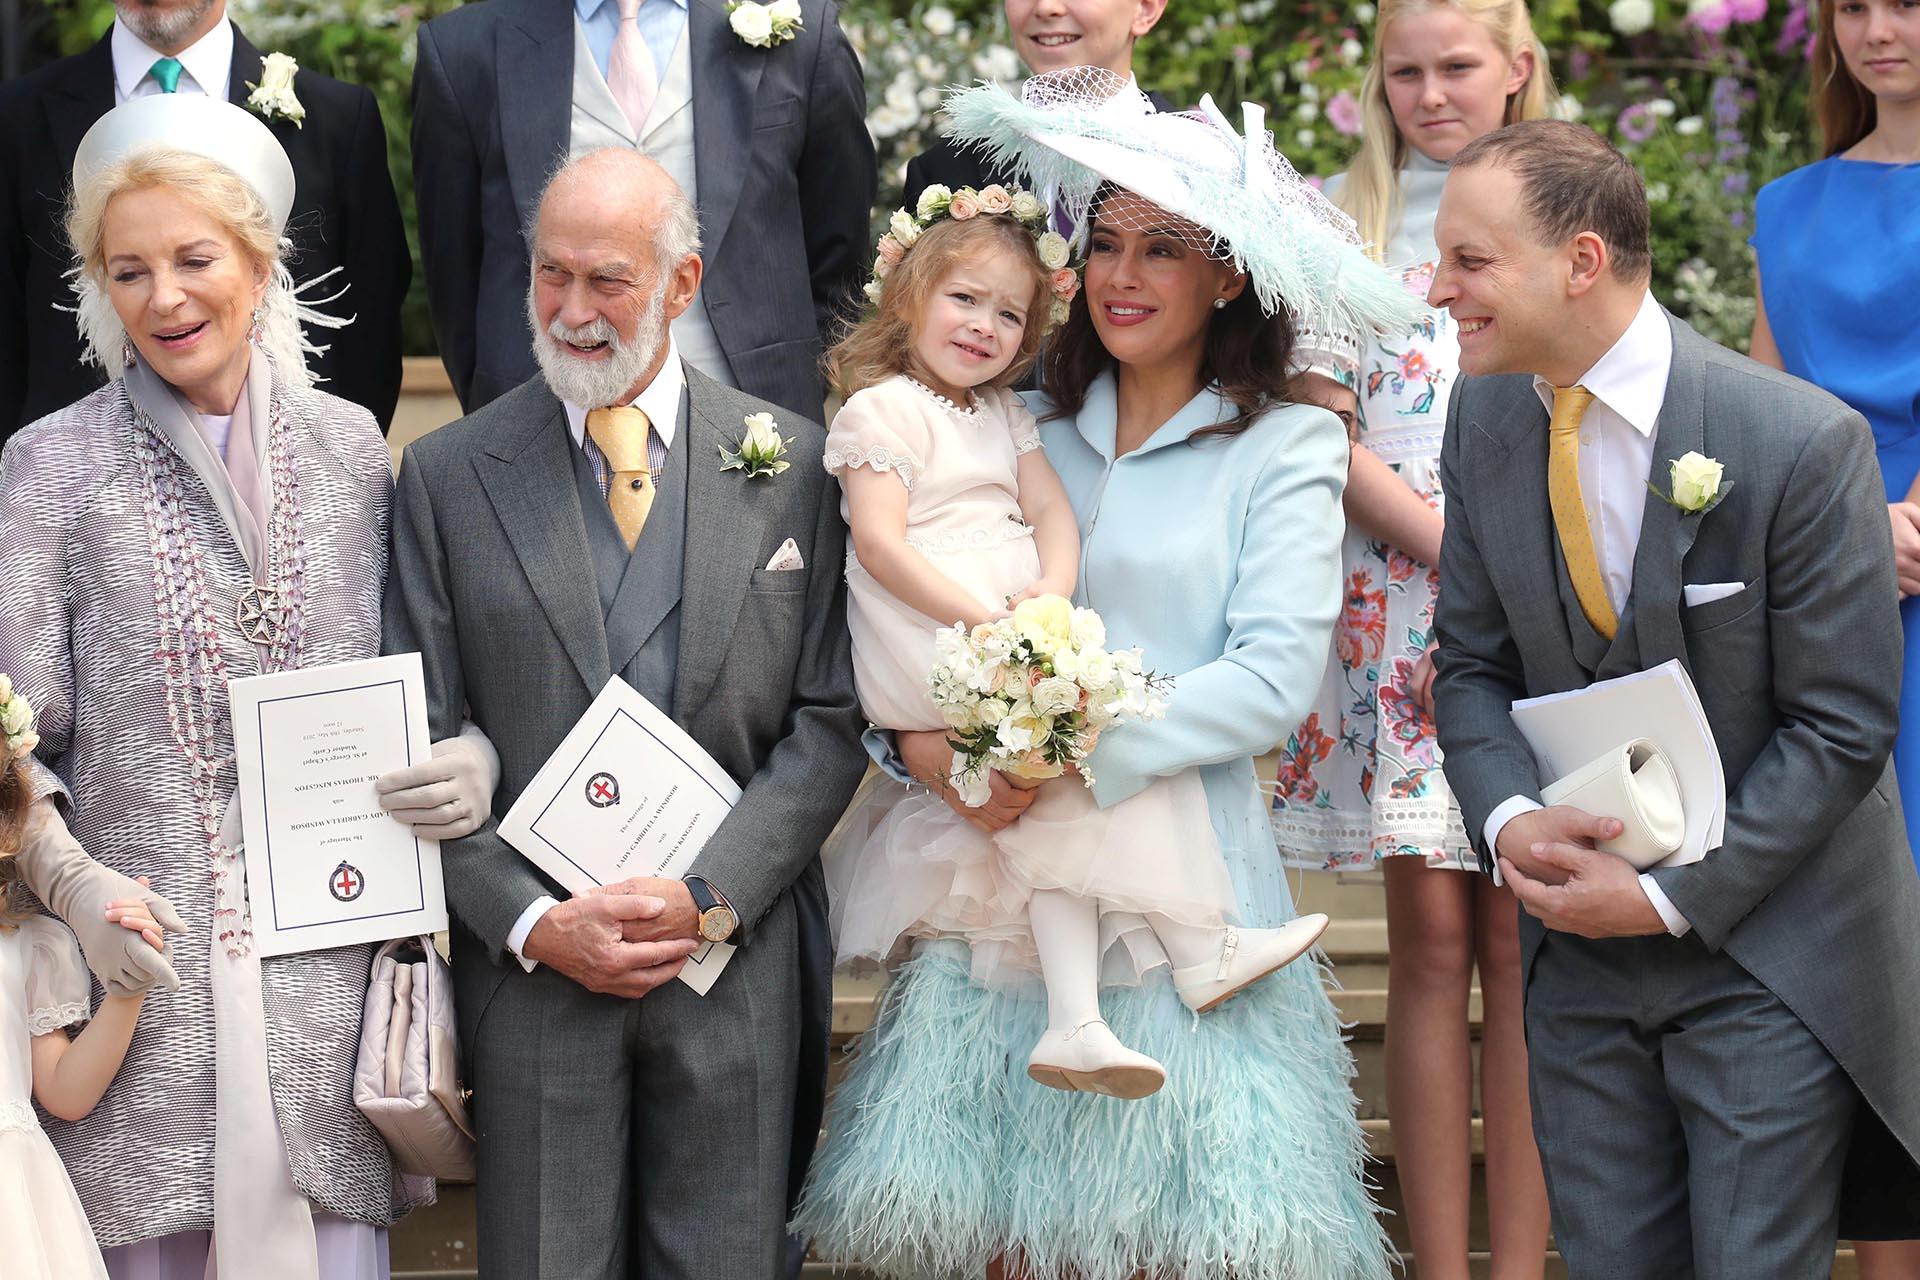 El príncipe Michael de Kent junto a su mujer, Sophie Winkleman y Lord Frederick Windsor, hermano de Lady Gabriella